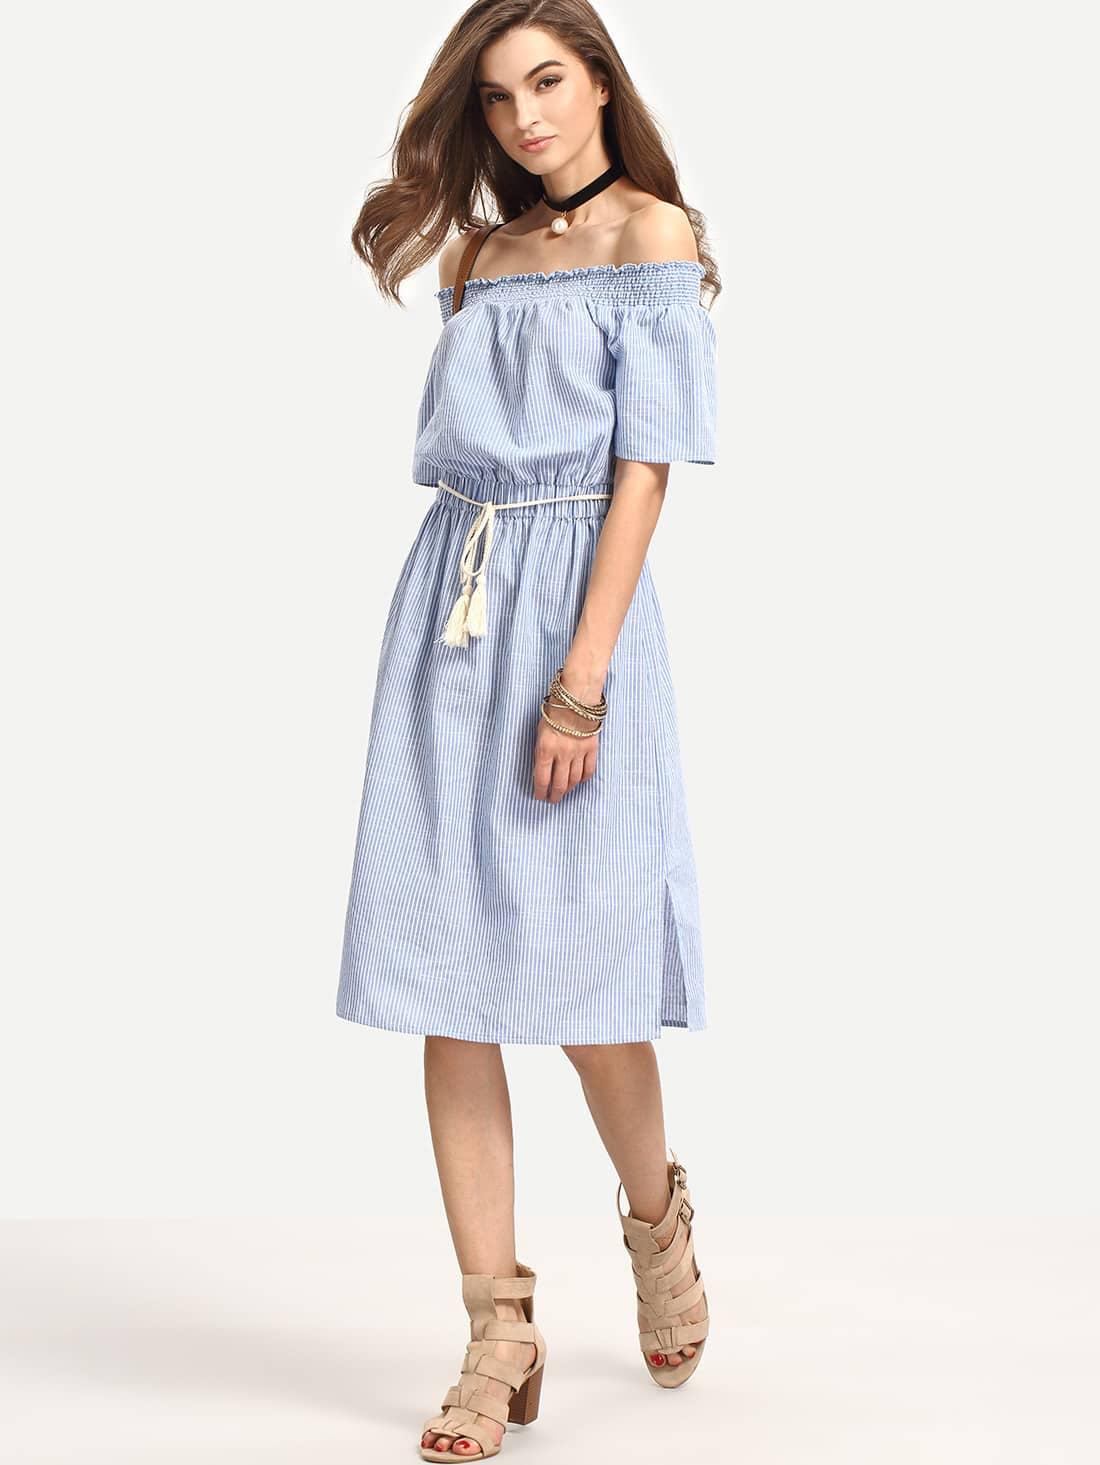 Blue Off The Shoulder Striped Knee Length Dress dress160511515